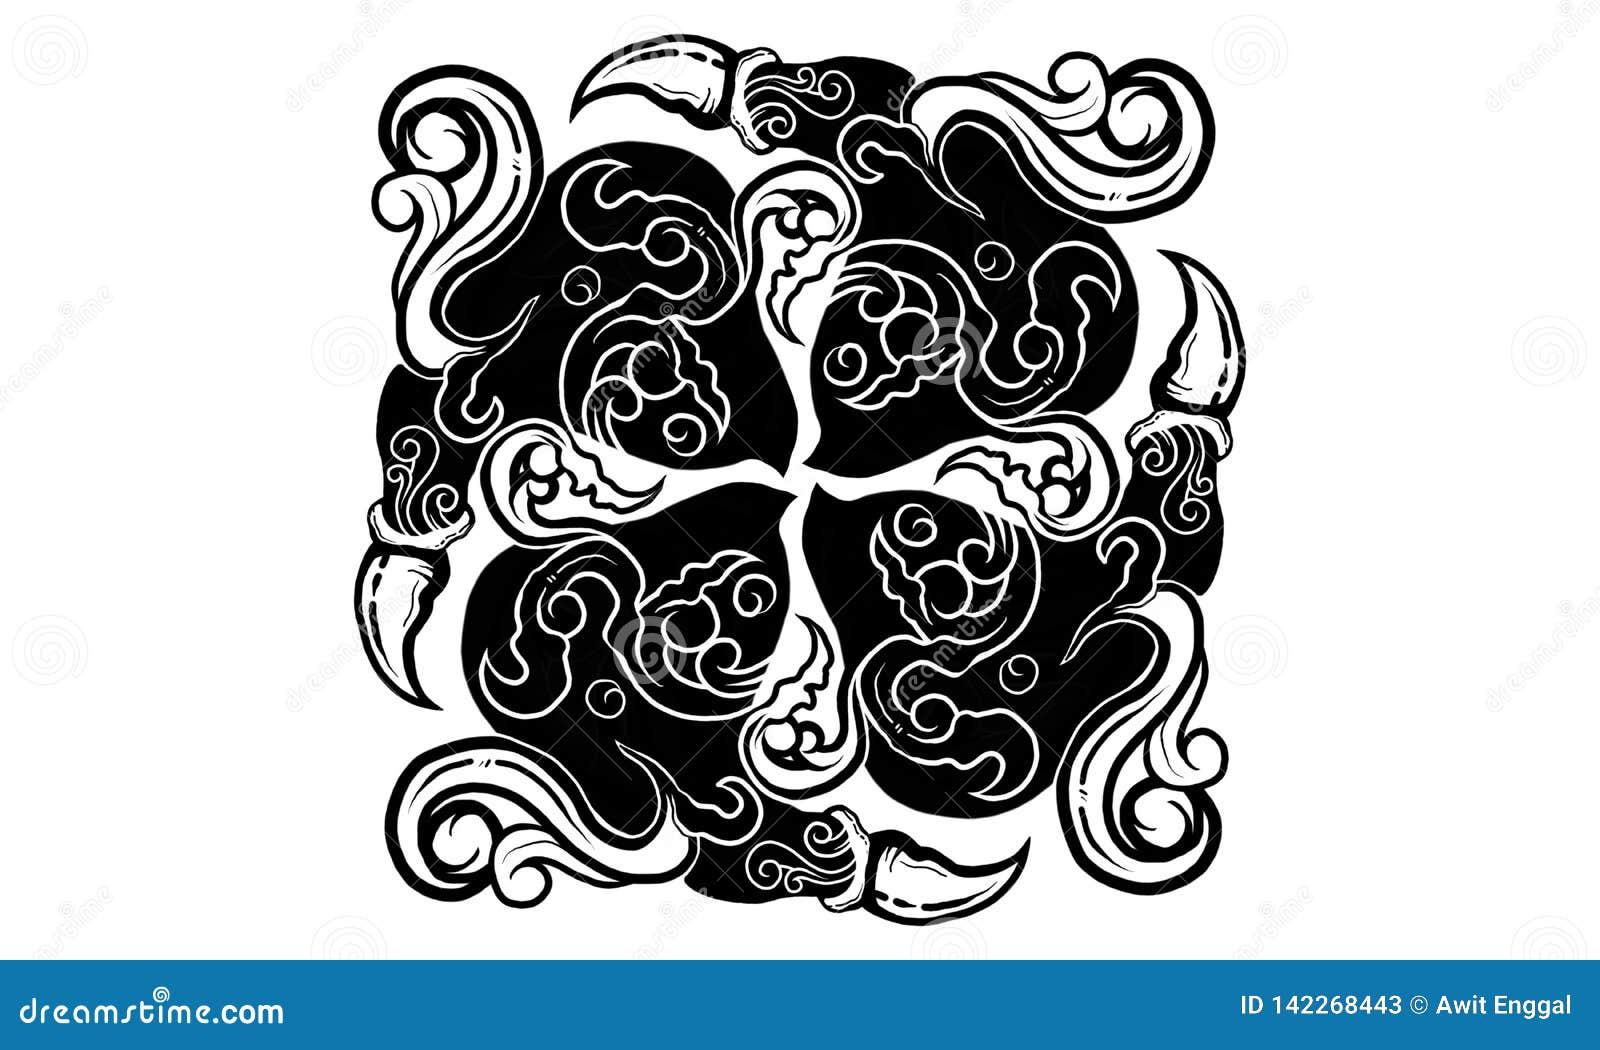 fc1d1742441a1 high heaven ornament ancient illustration design torn dark leaf traditional  natural tattoo print shirt ethnic cultural culture myth magic original ...